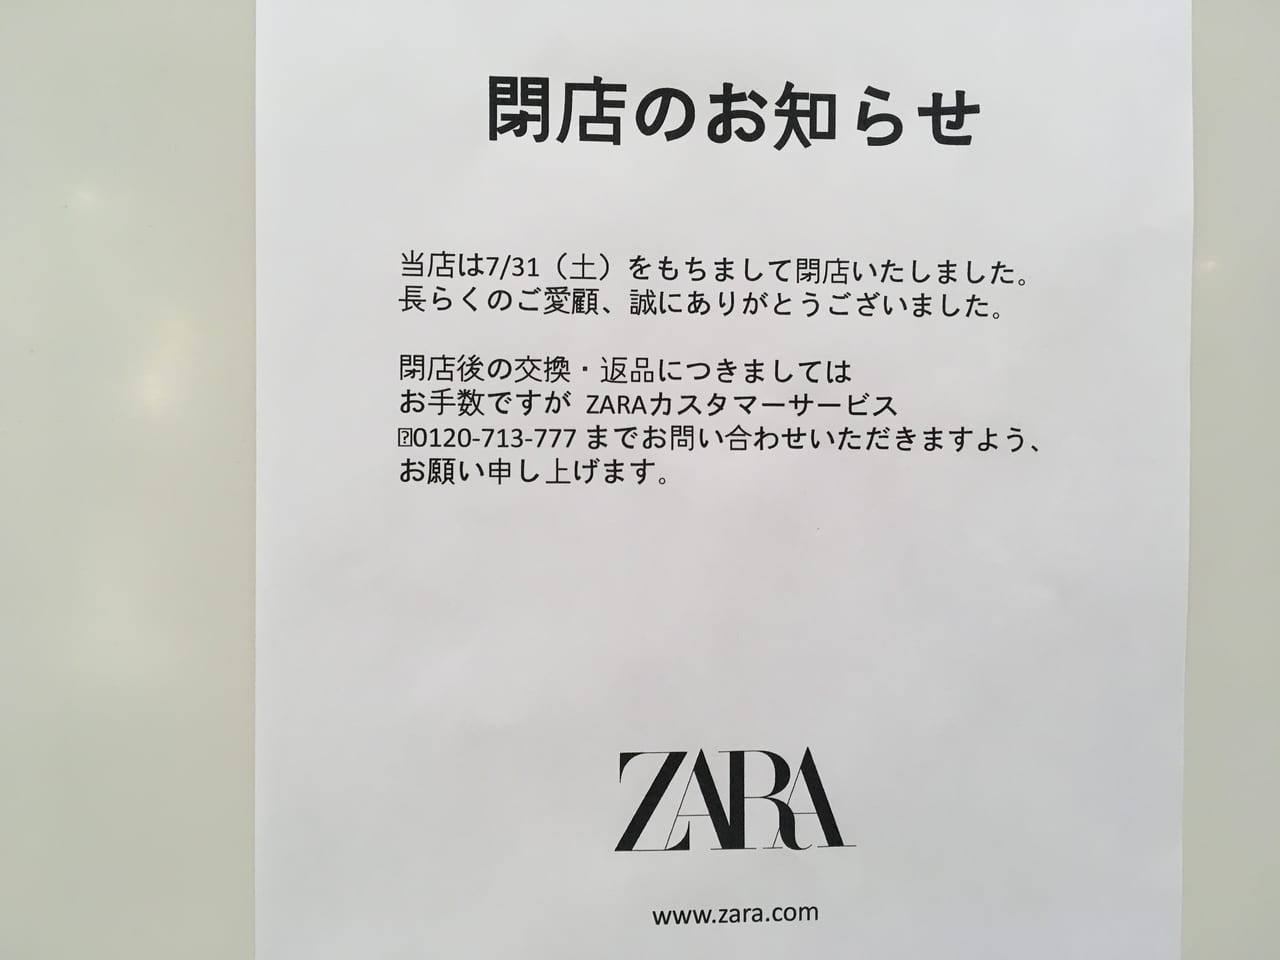 ZARA跡地に入るお店の情報